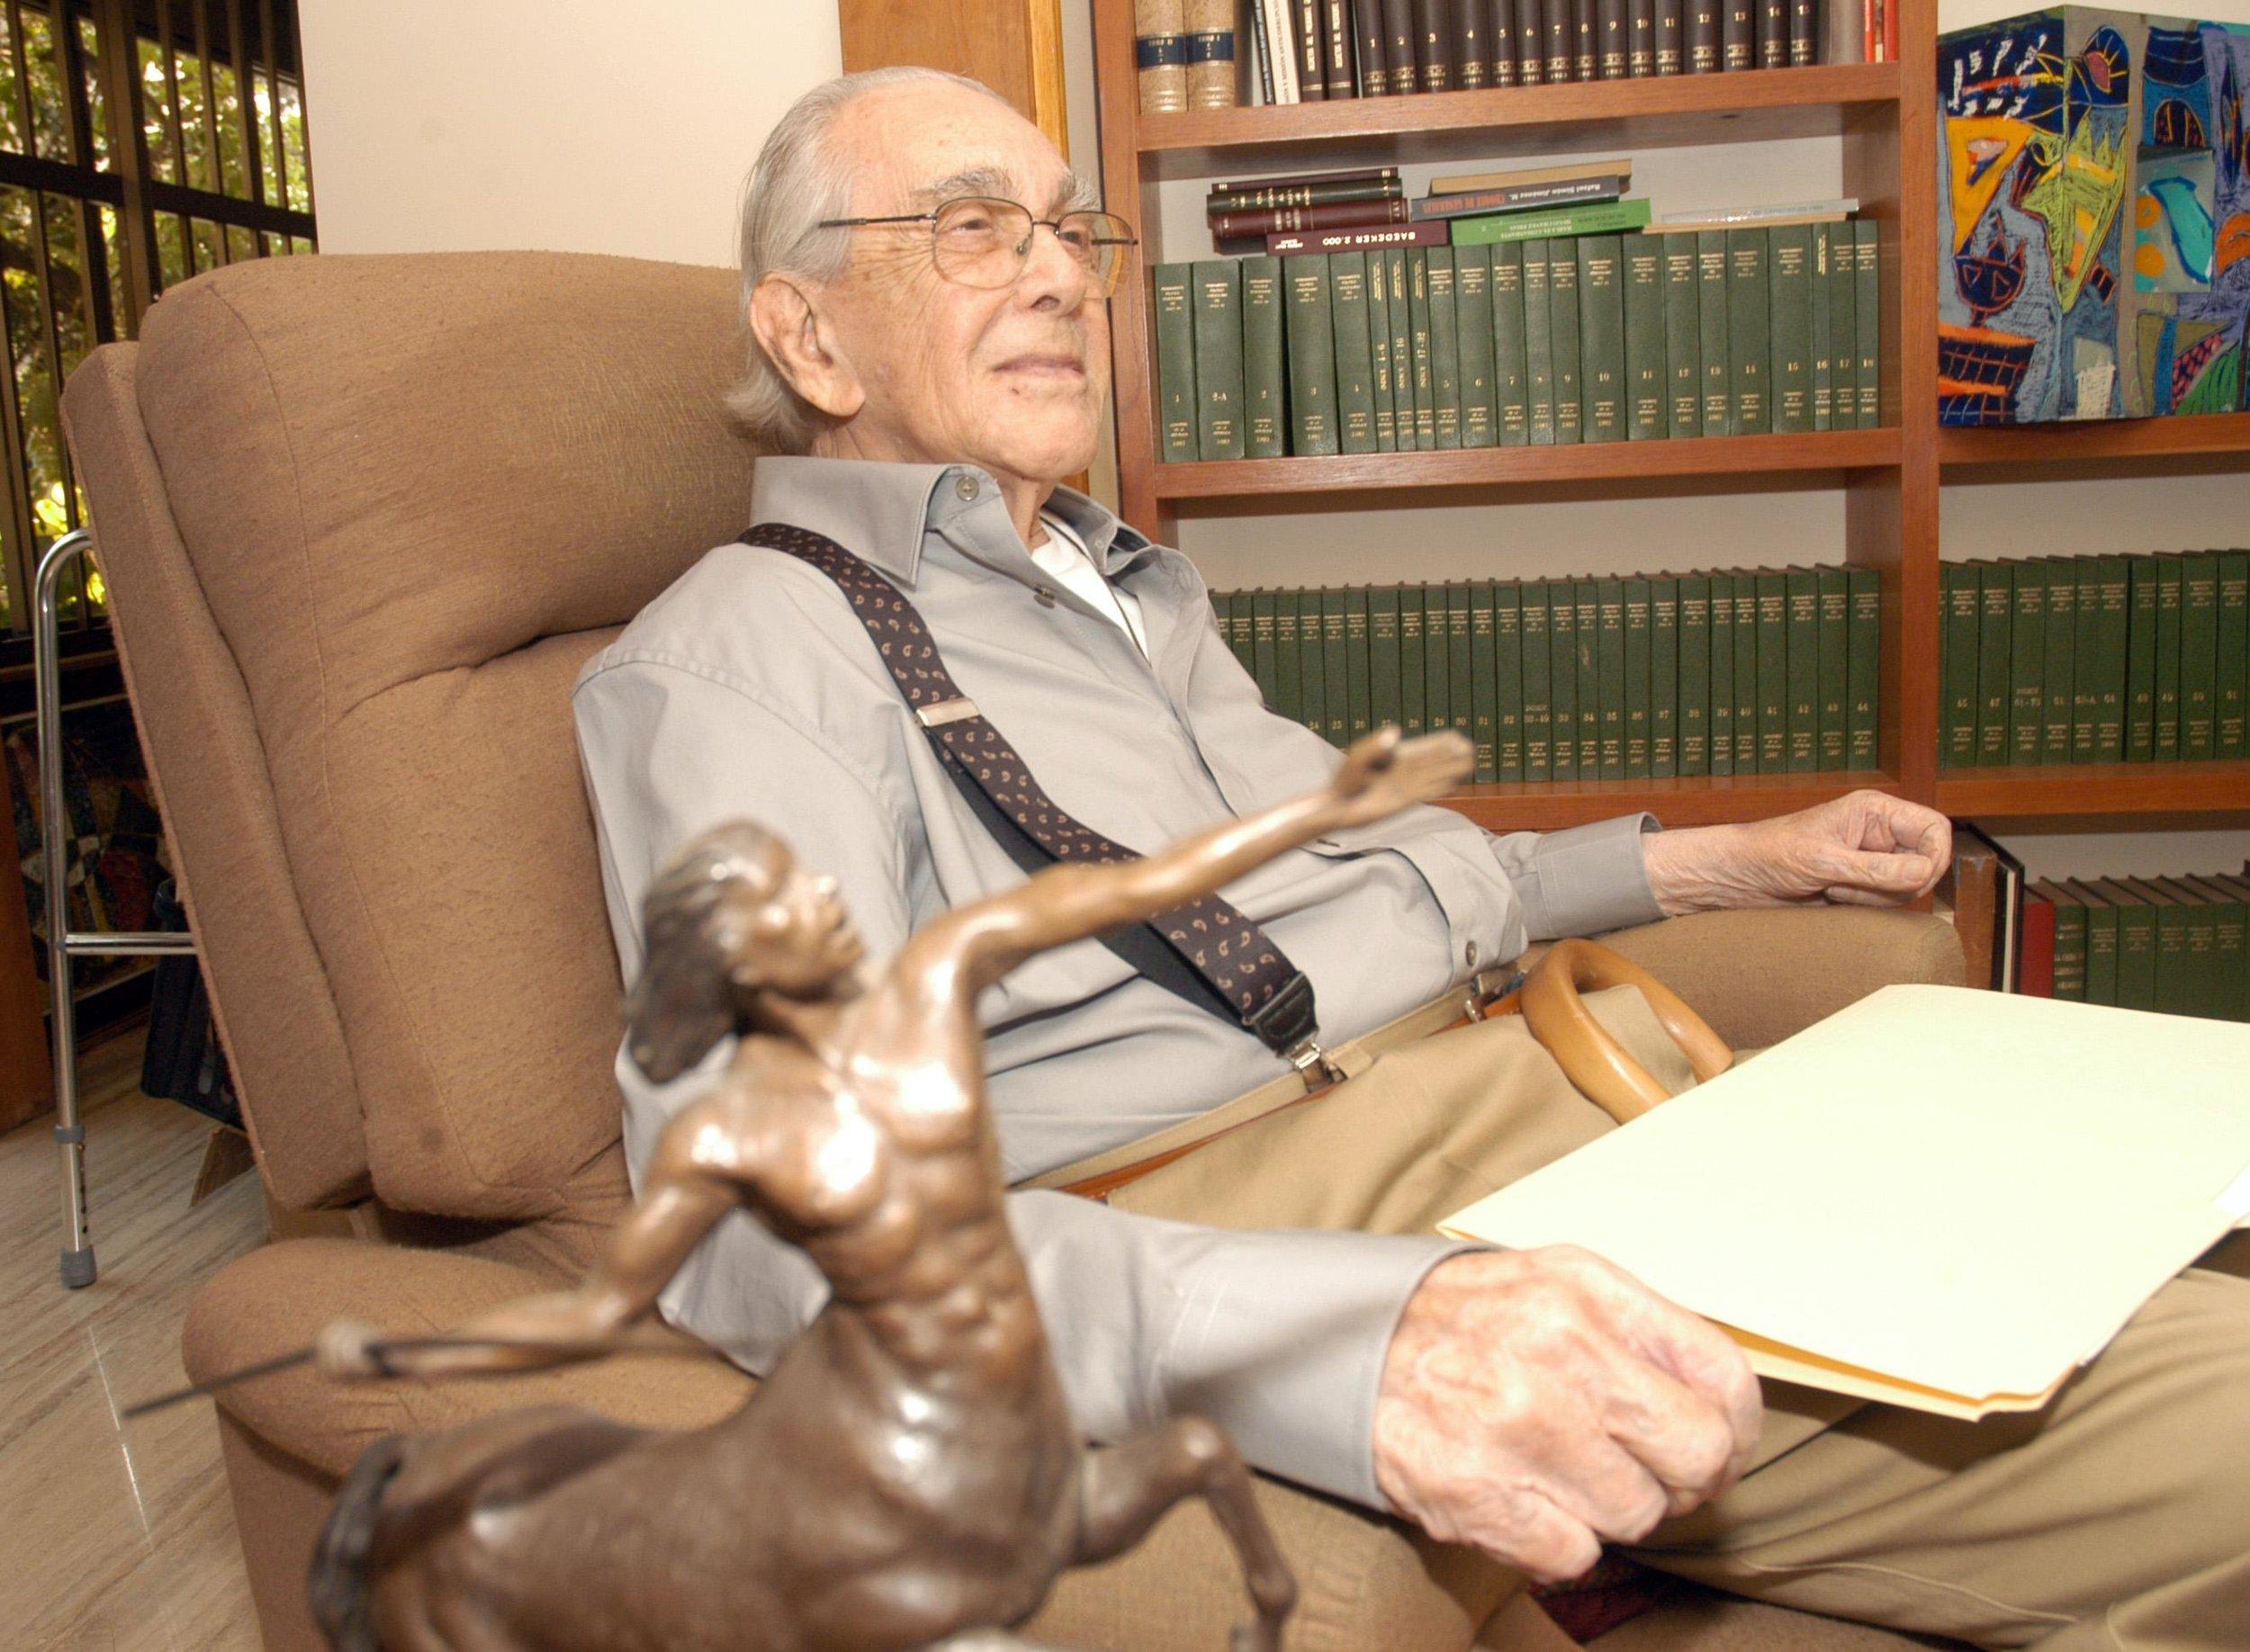 Foto: Sandra Bracho | Cortesía de El Nacional (Febrero 2011)